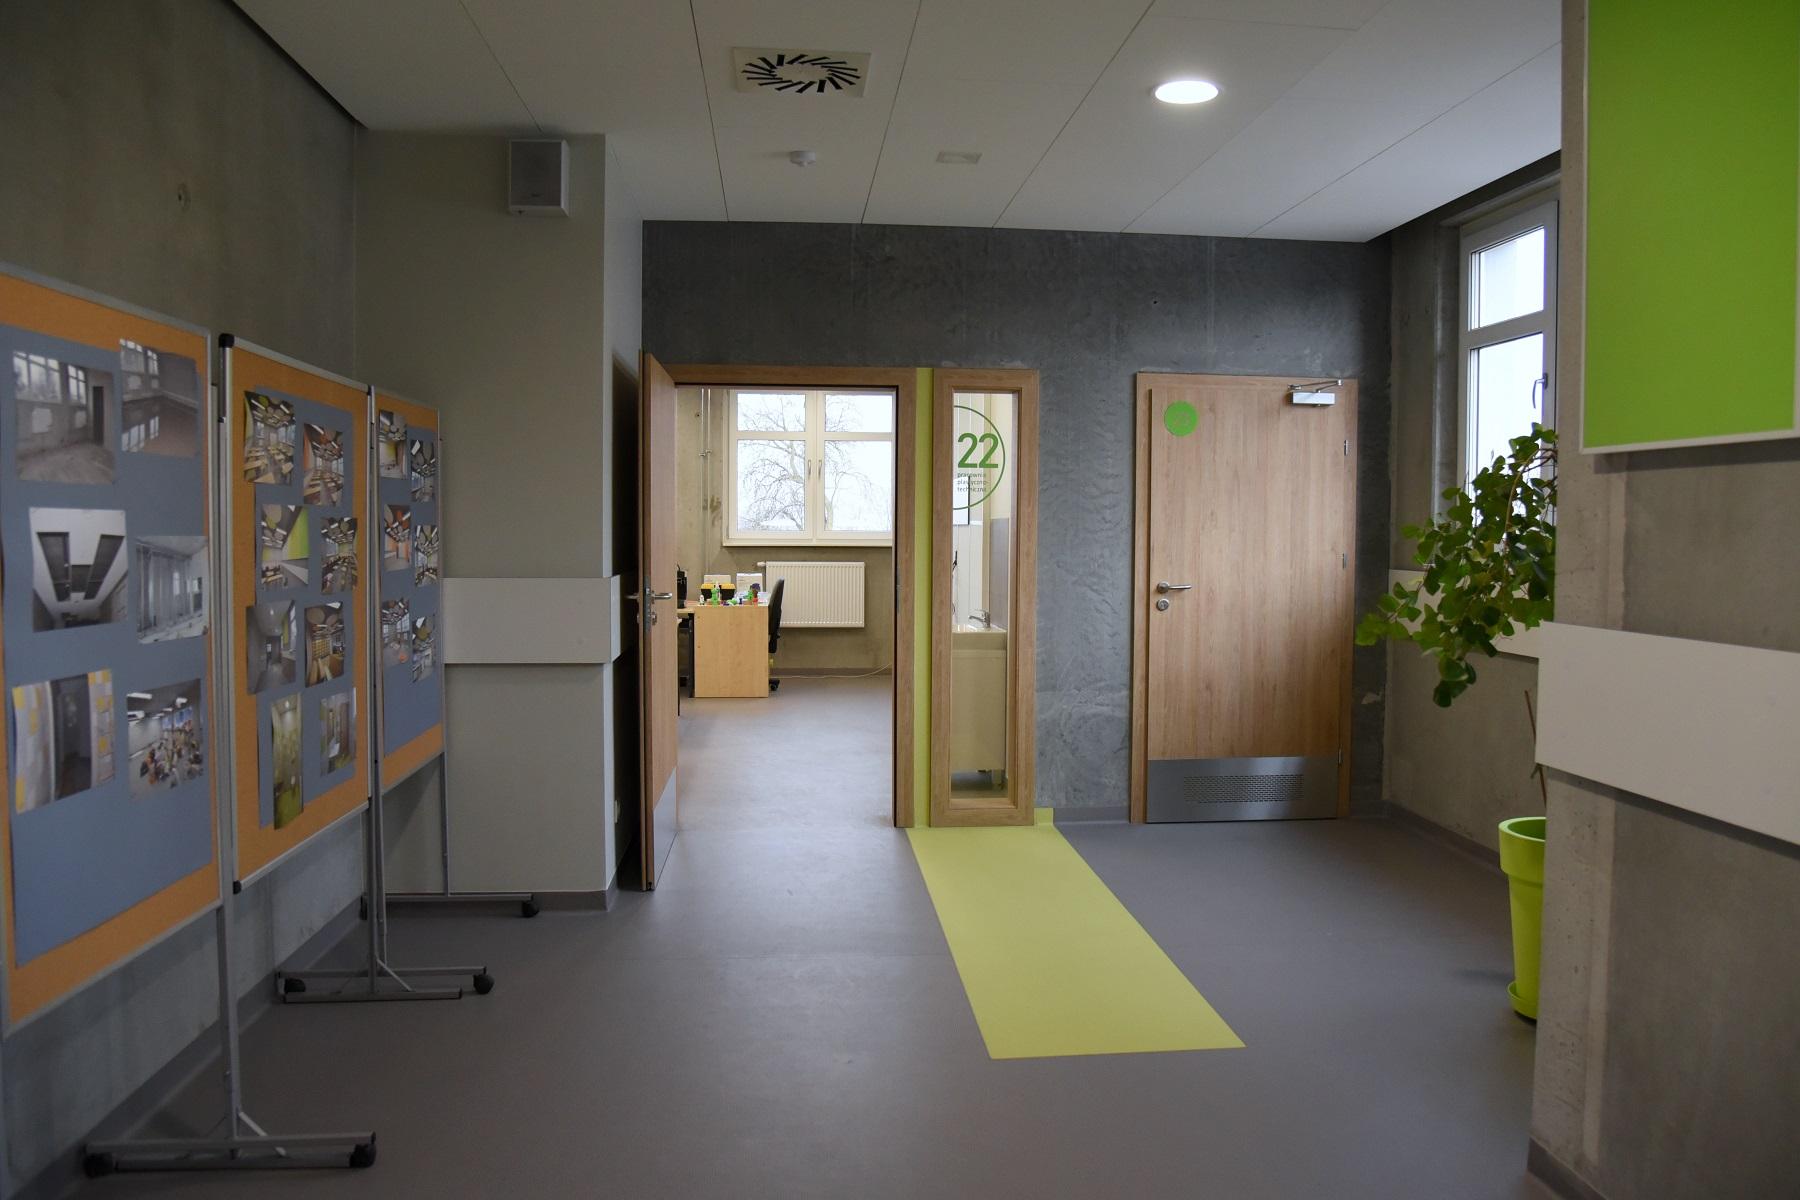 Dobudowane skrzydło szkoły ma powierzchnię 450 m kw. (fot.poznan.pl)